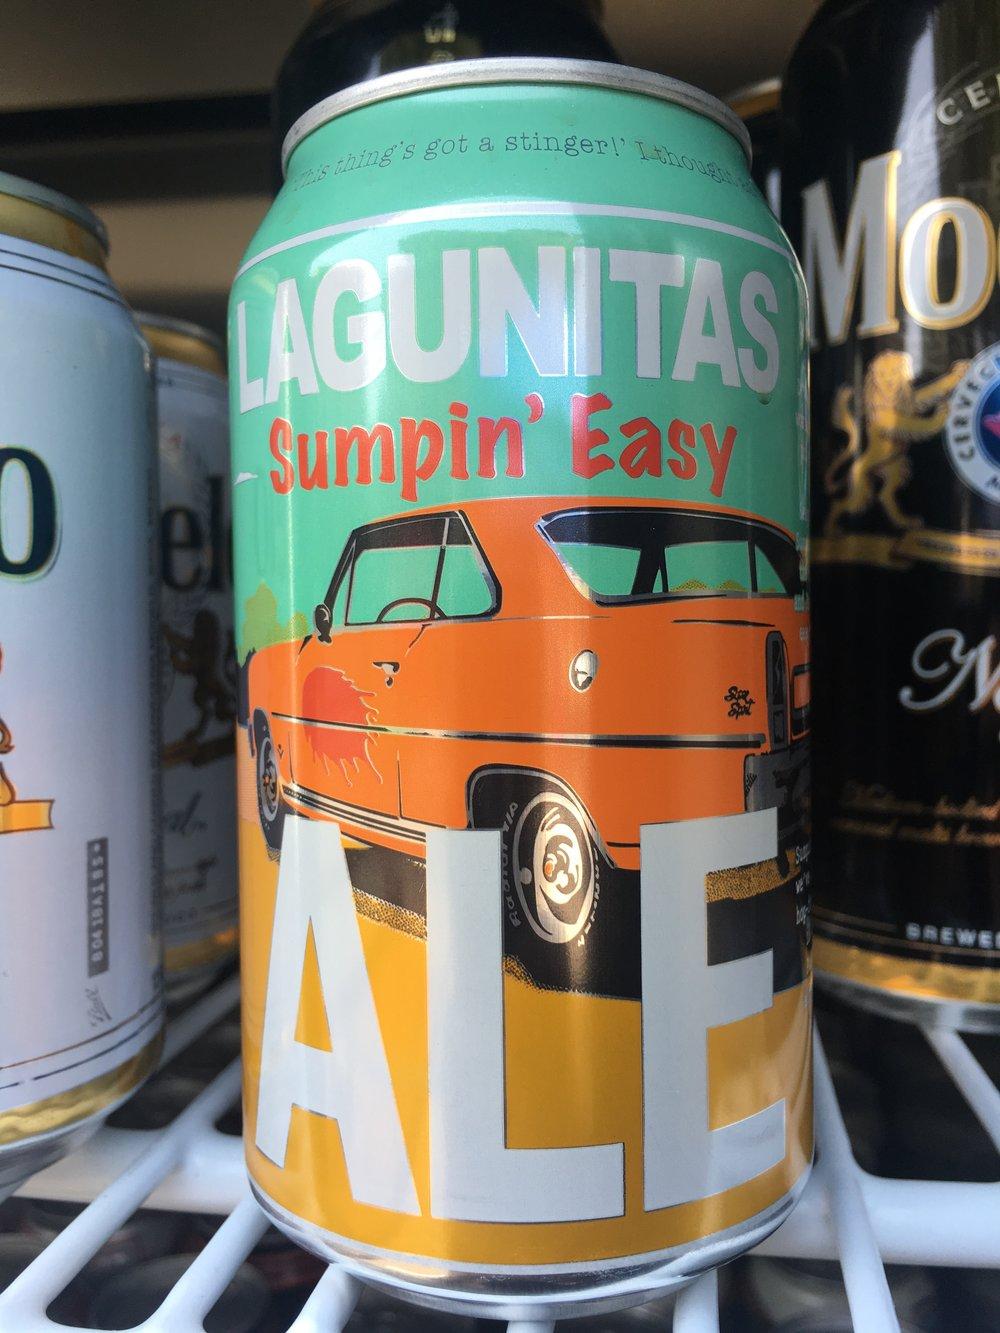 Lagunitas Brewing - Sumpin' Easy Pale Ale